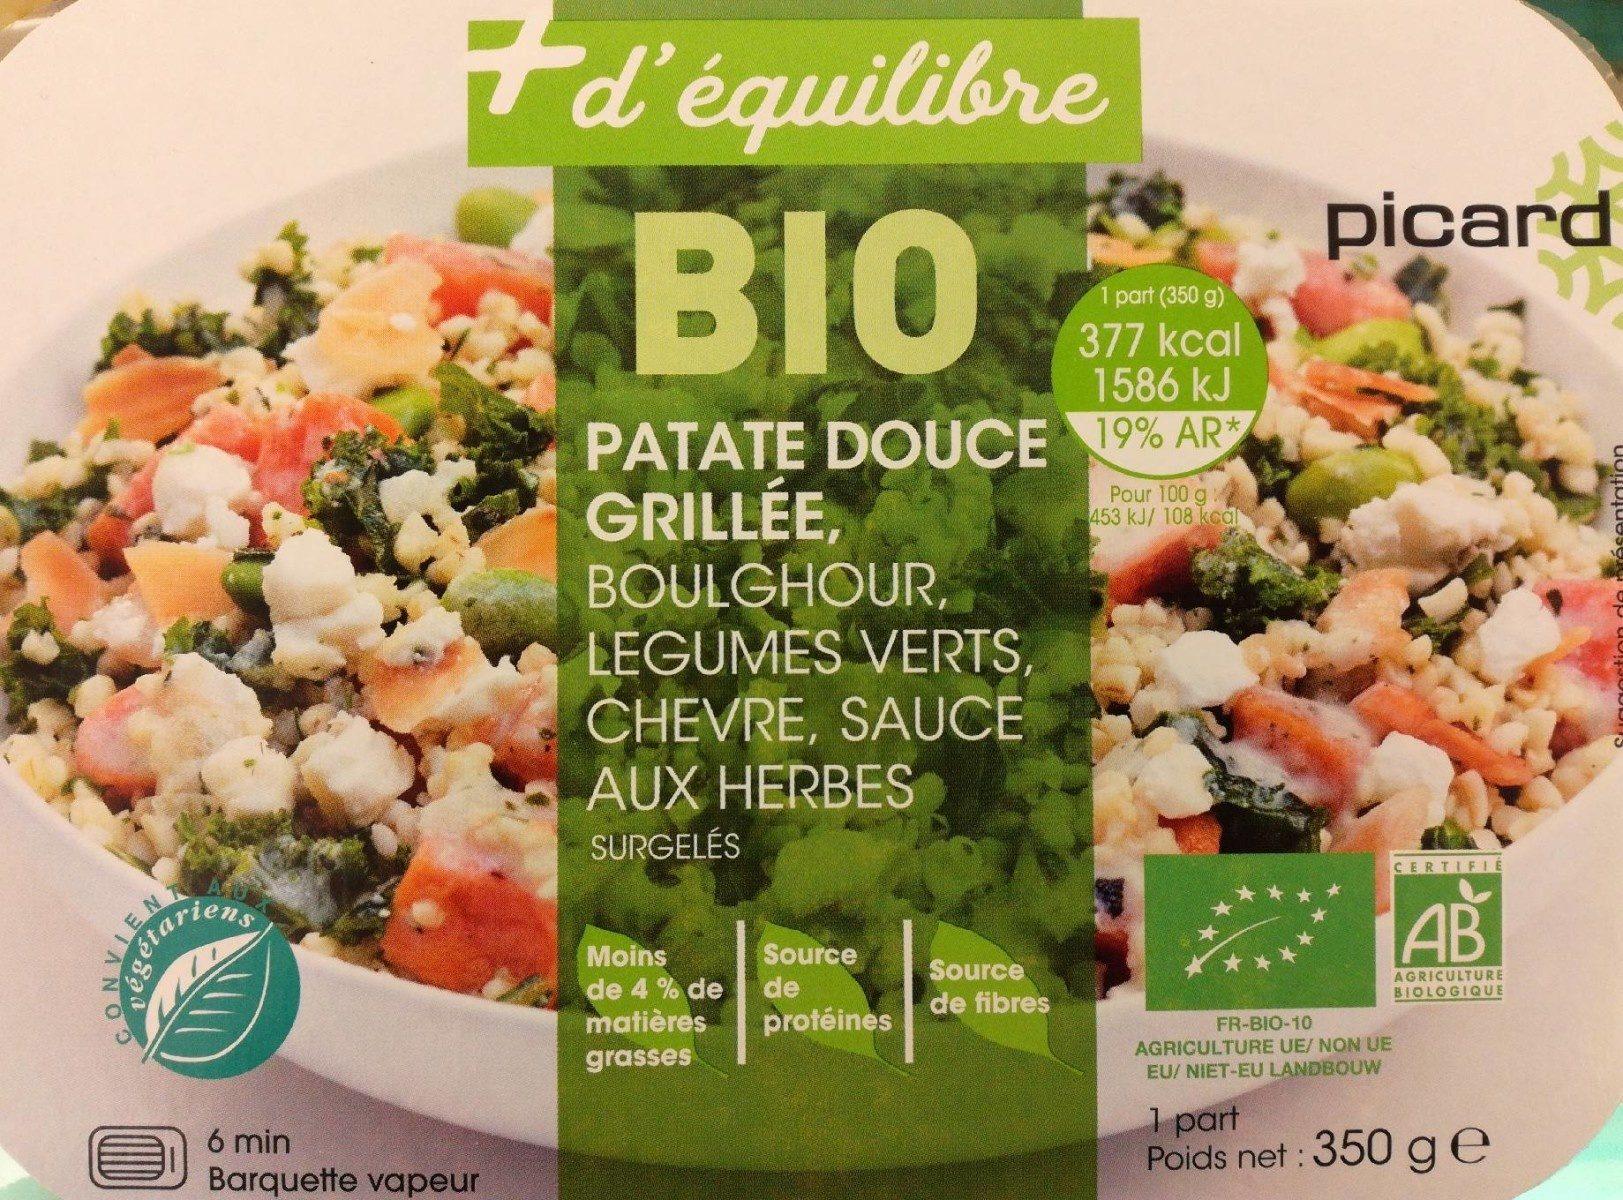 Patate douce grillée, boulghour, légumes verts, chèvre, sauce aux herbes - Produit - fr